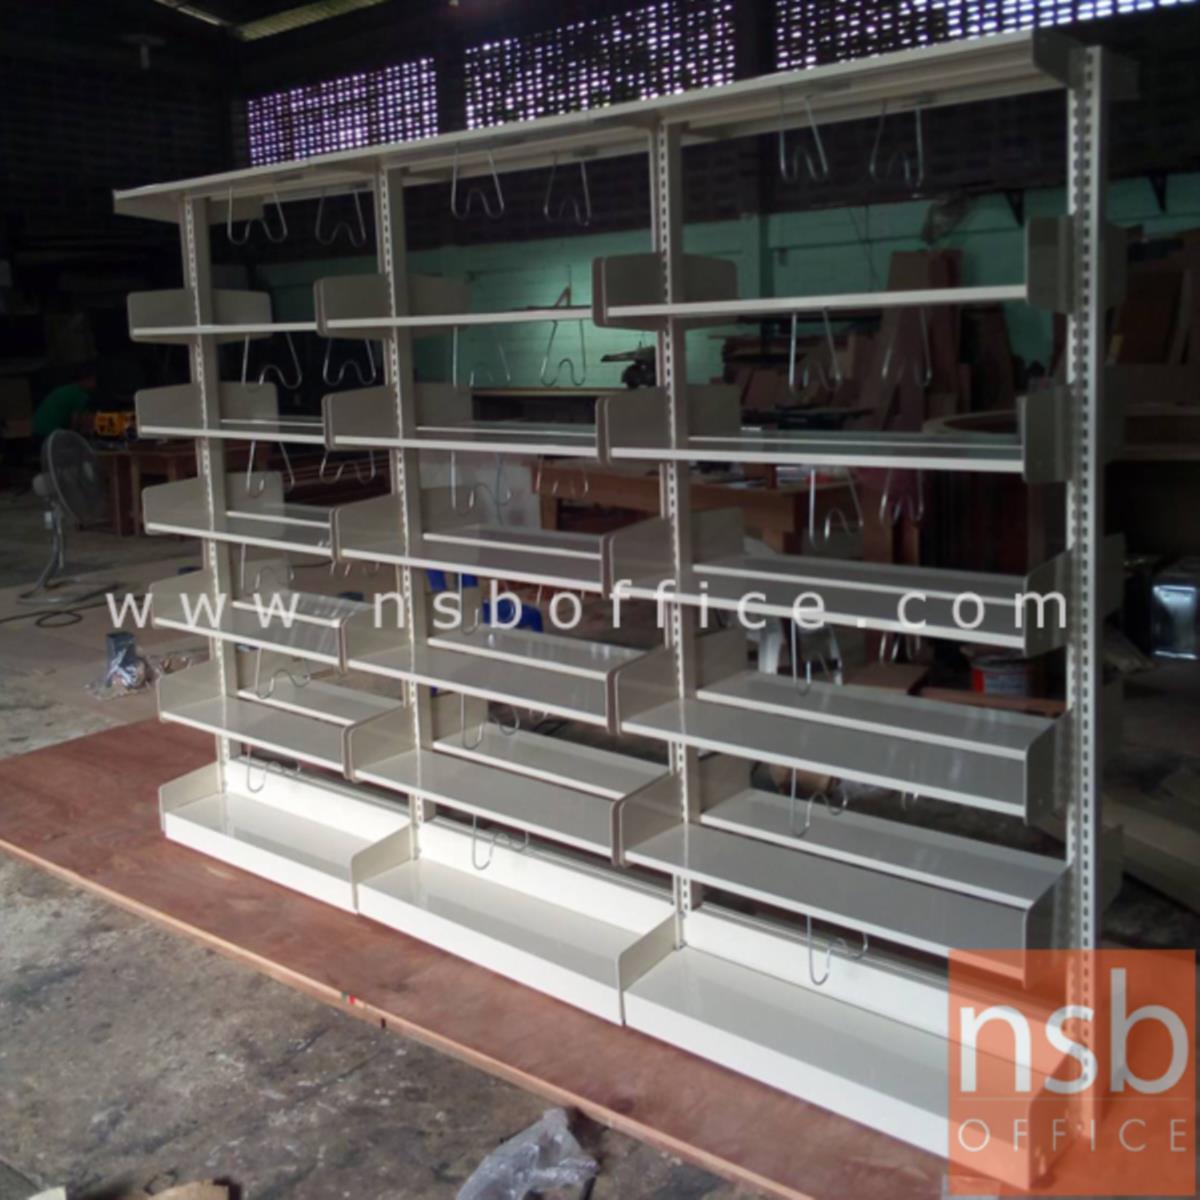 ชั้นห้องสมุด 6 ชั้นแบบ แบบ 3 ตอน  รุ่น TY-337  ขนาด 280W*49D*196.5H cm.